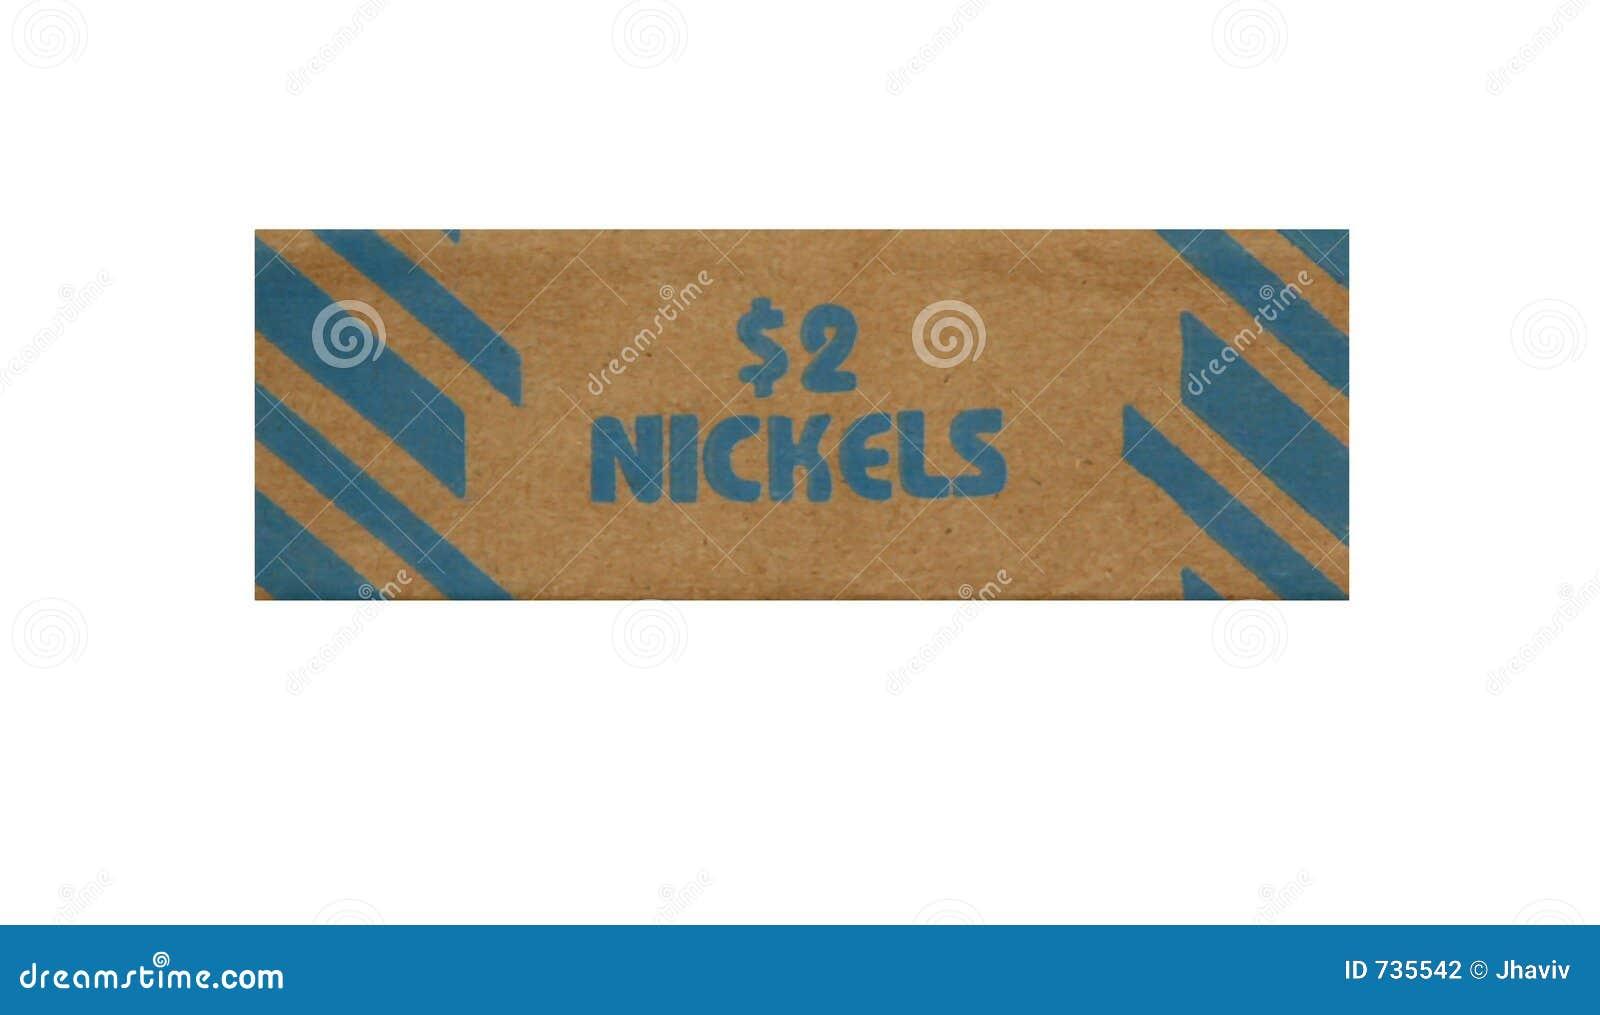 Hoarding Nickels as Metal Prices Soar